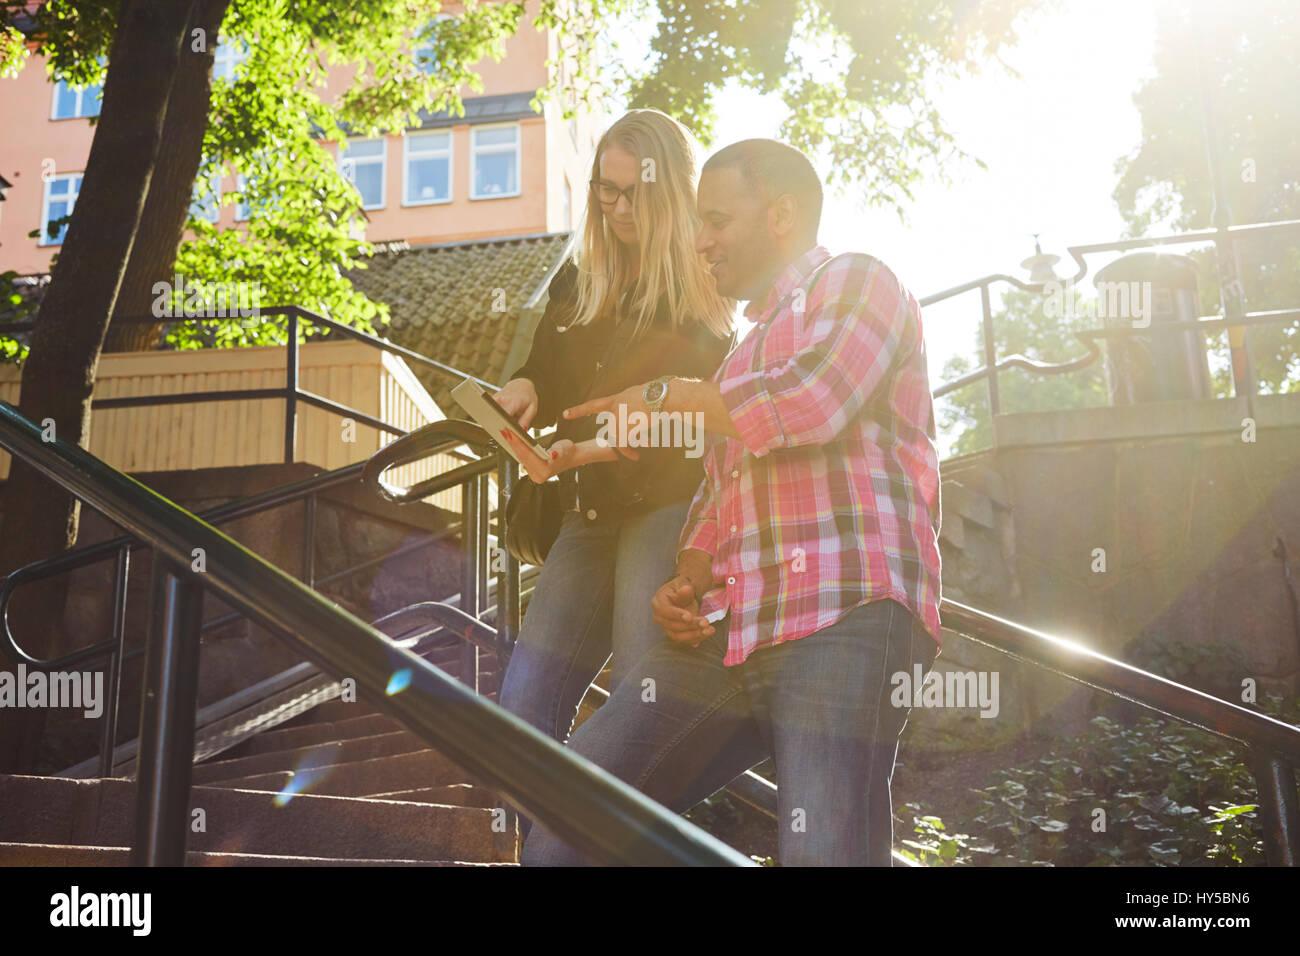 La Suède, l'homme et la femme debout côte à côte looking at digital tablet in sunlight Photo Stock